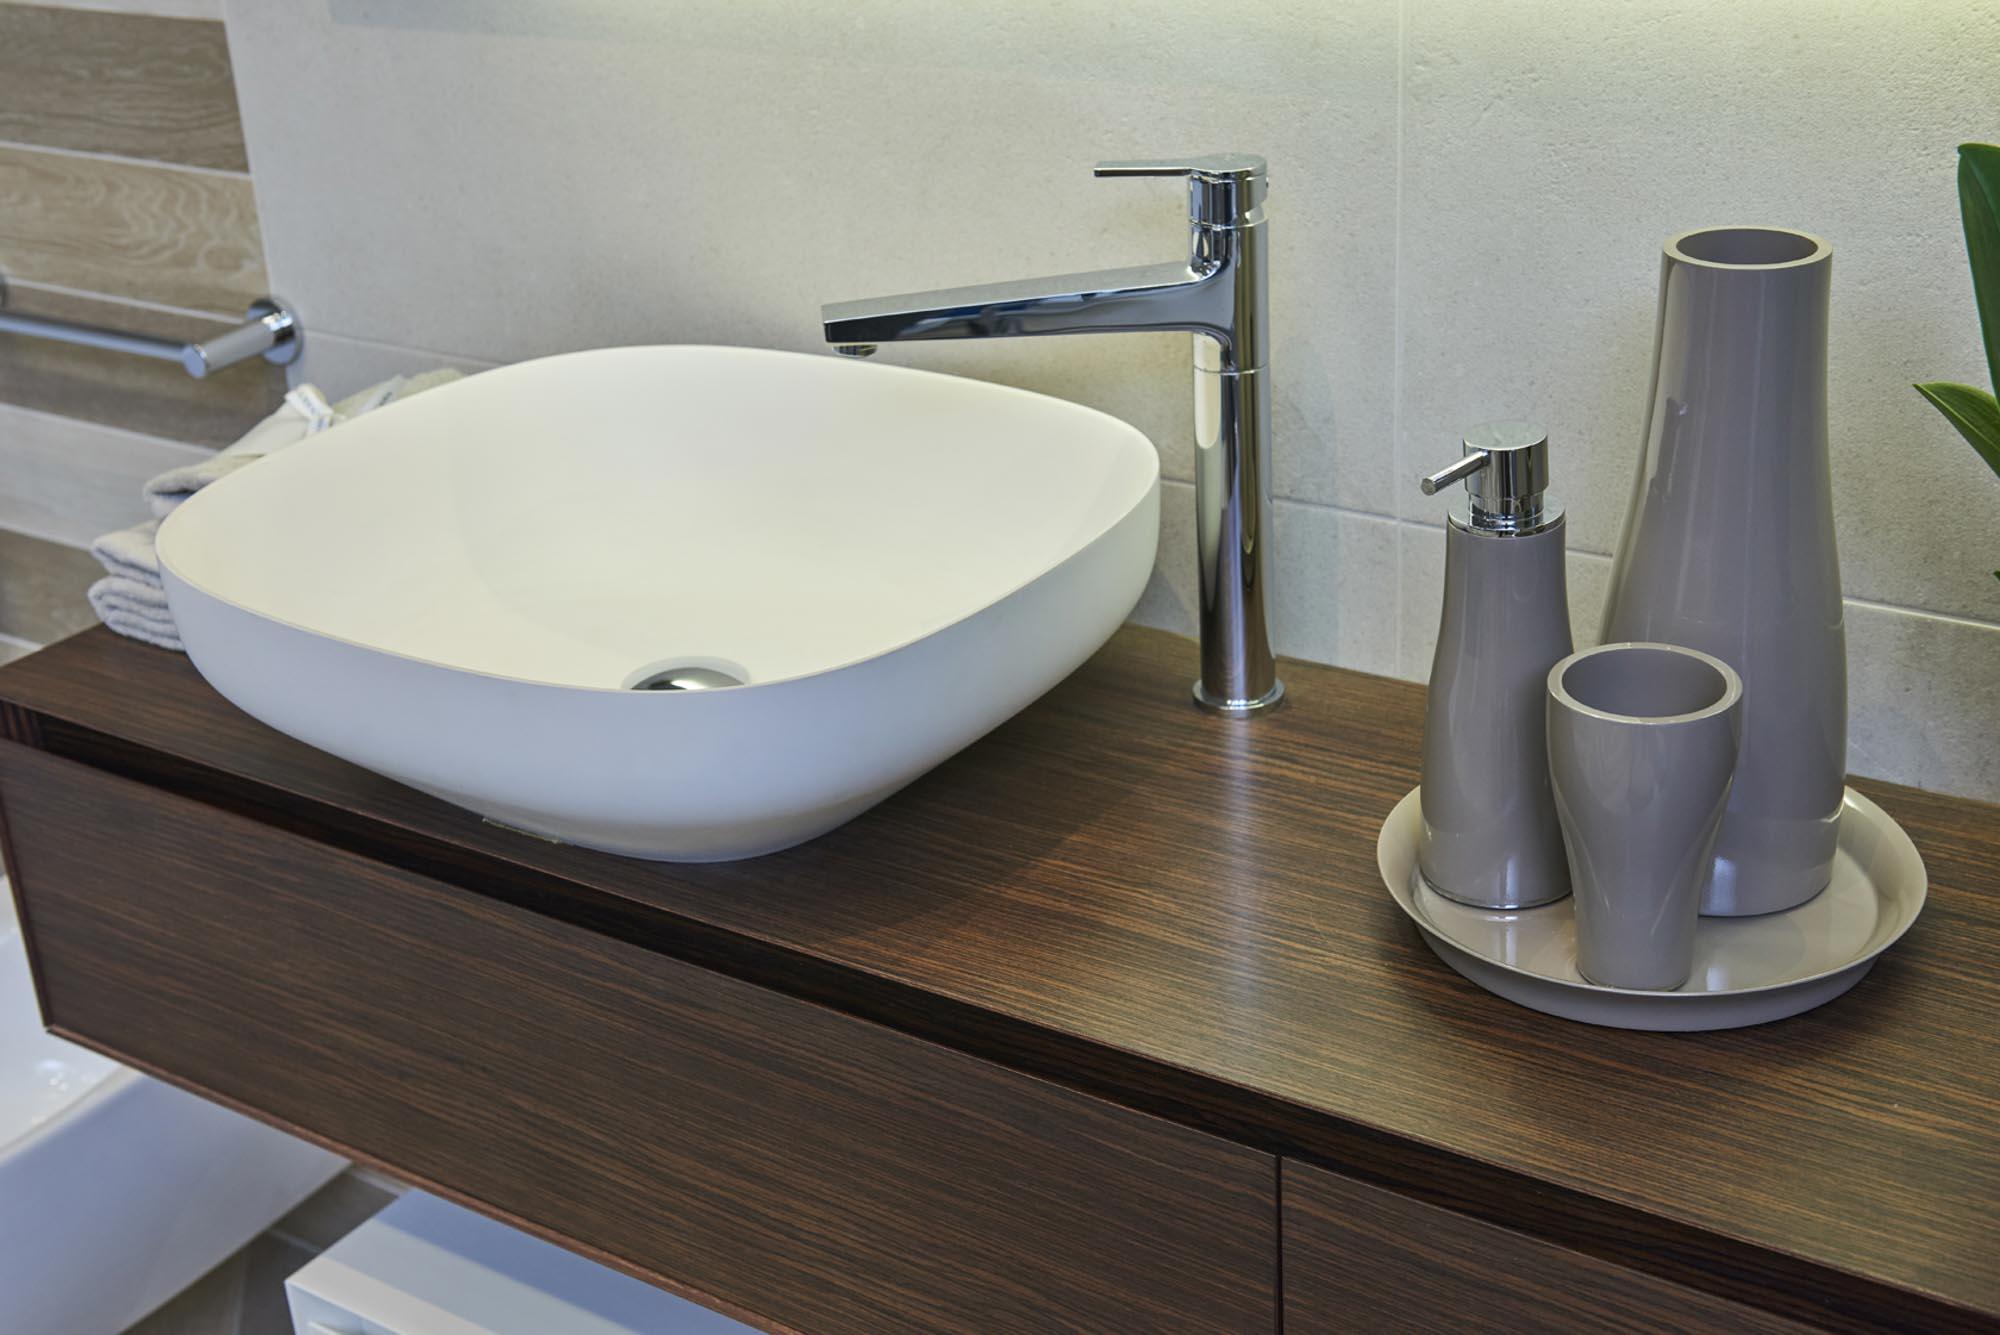 Showroom SVAI_Tassullo_arredobagno moderno lavabo appoggiato